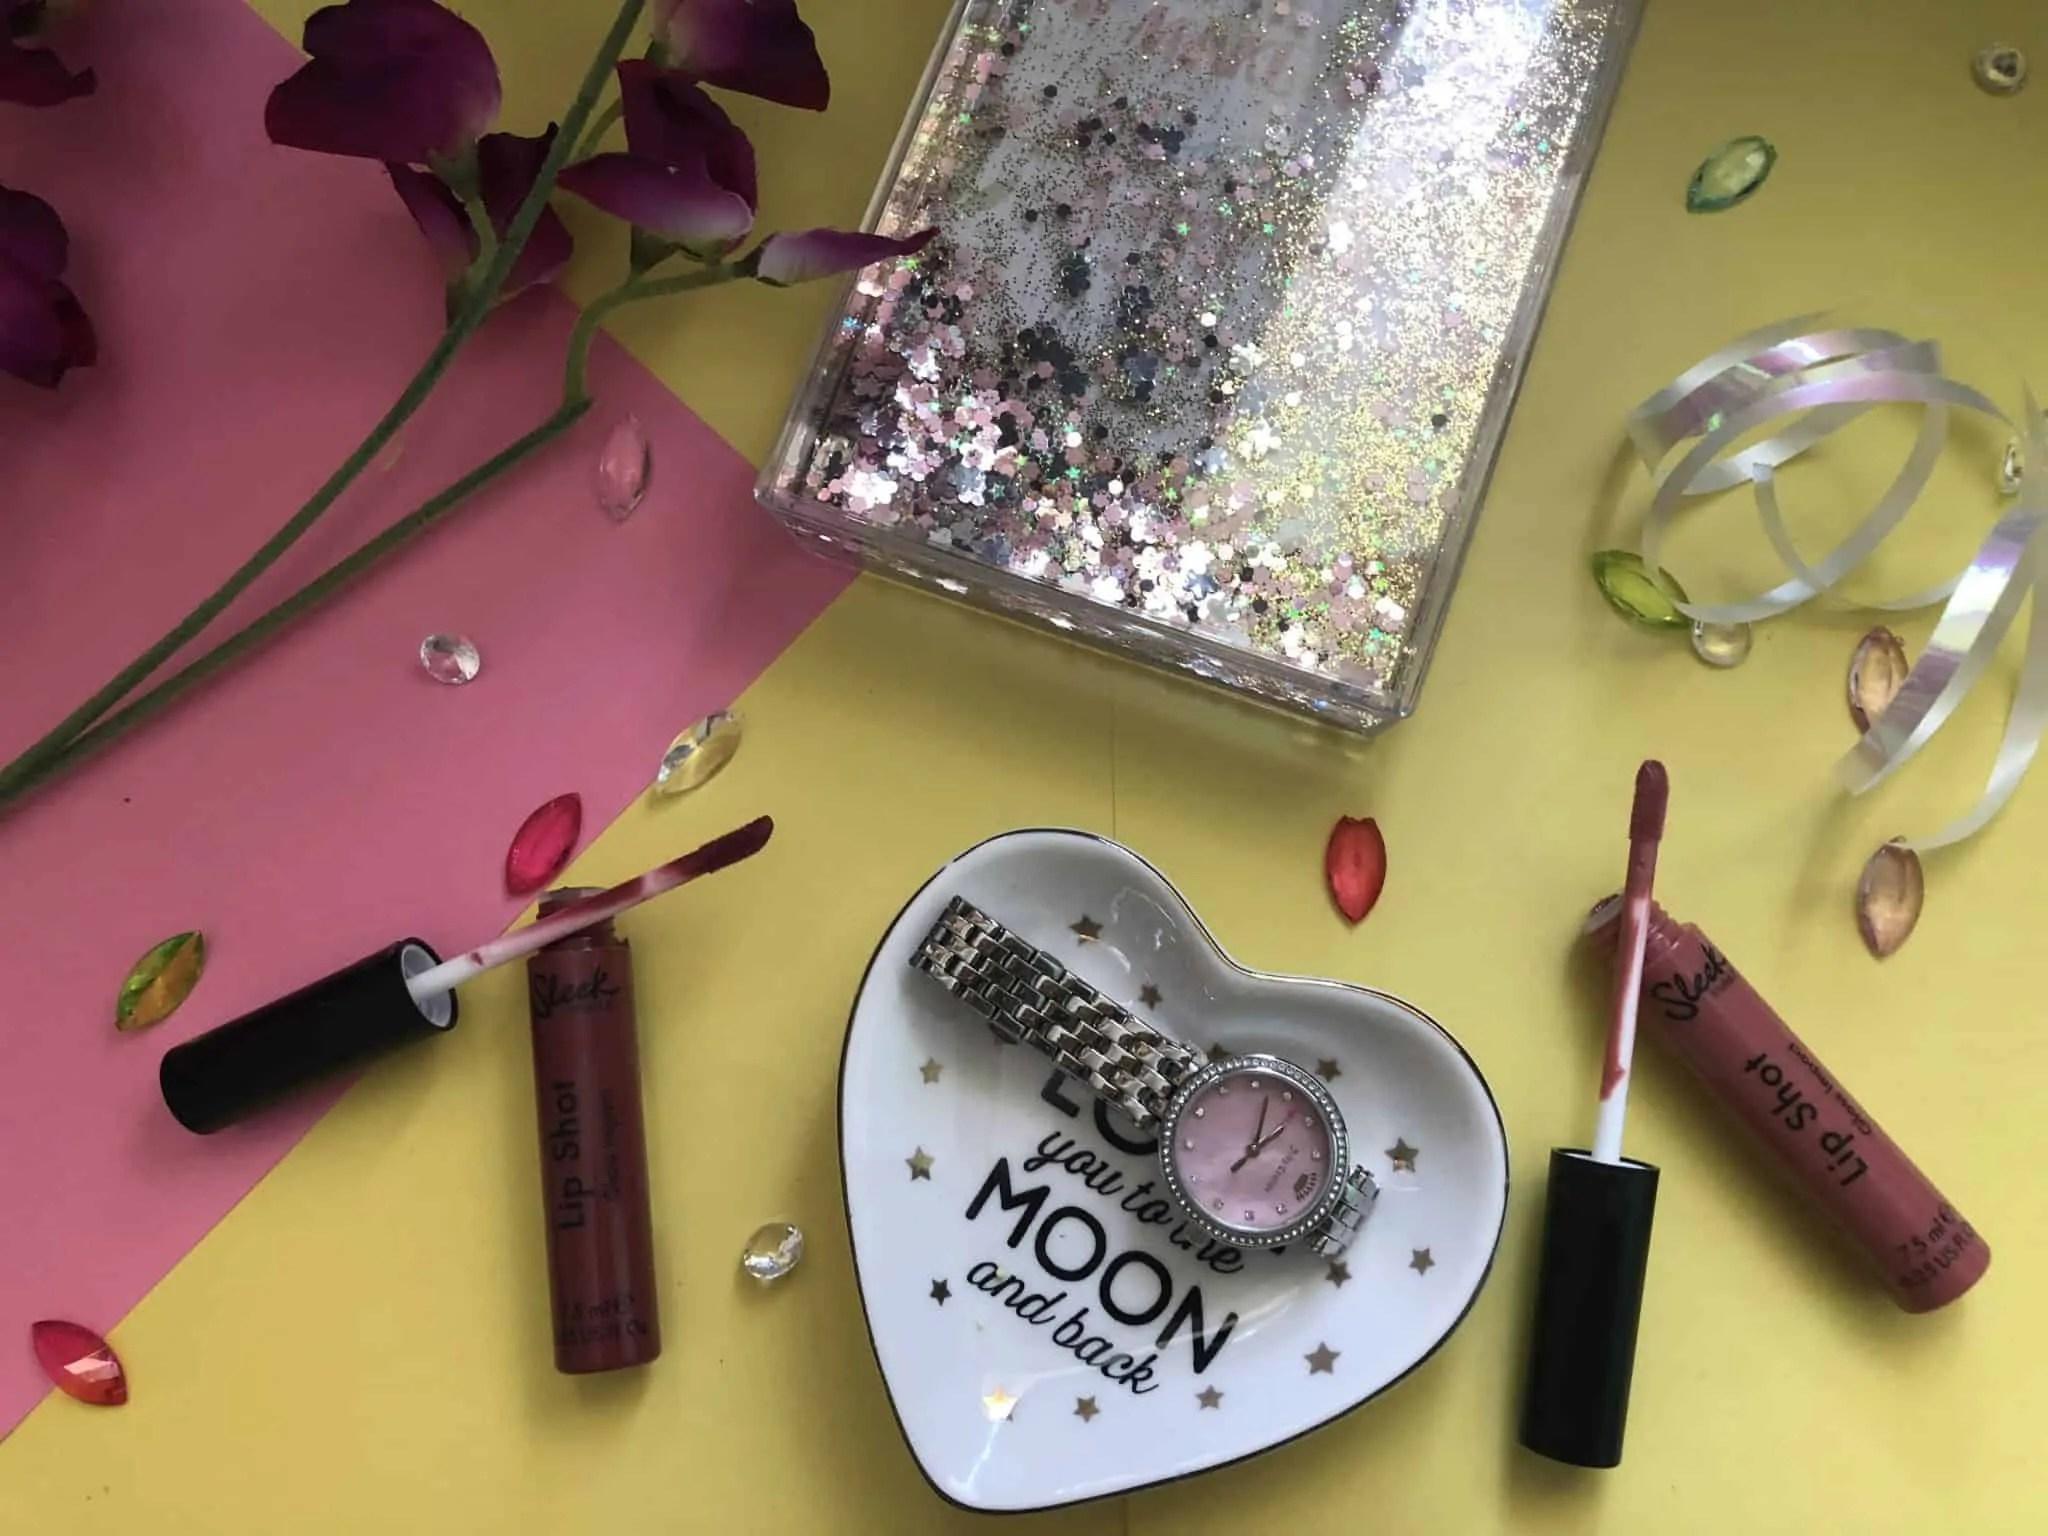 sleek lip shot review - behind closed doors and brutal honesty